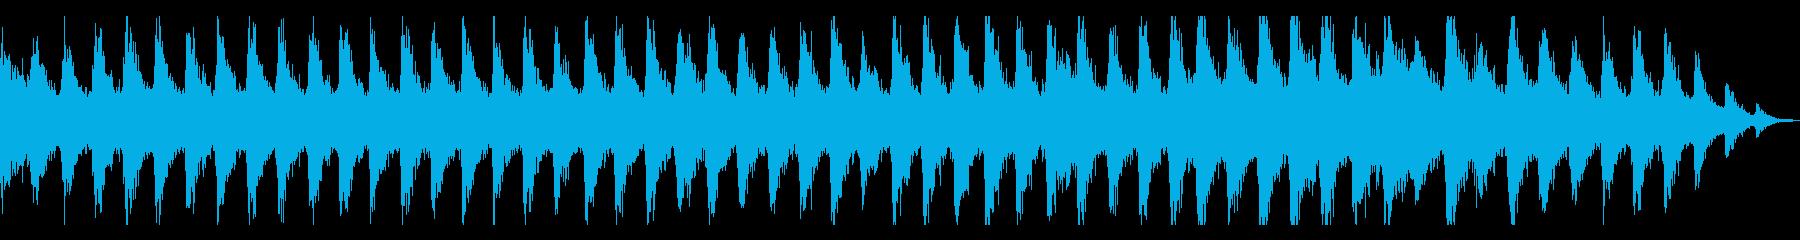 迫りくるガーンガーンという金属音の再生済みの波形